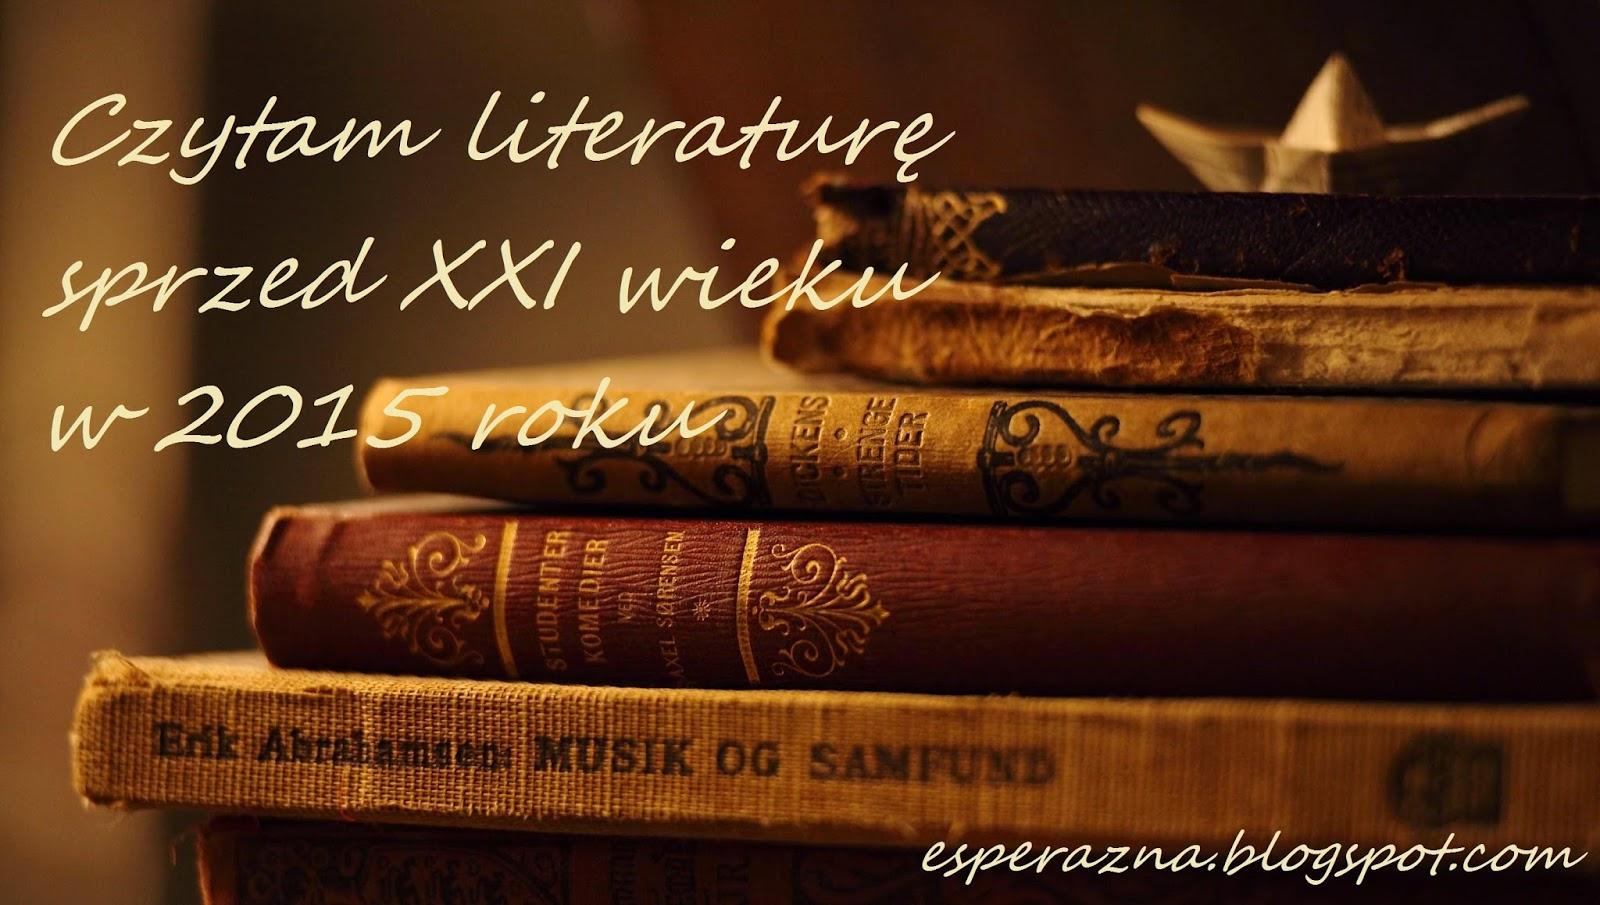 http://esperazna.blogspot.com/2015/02/wyzwanie-czytam-literature-sprzed-xxi.html